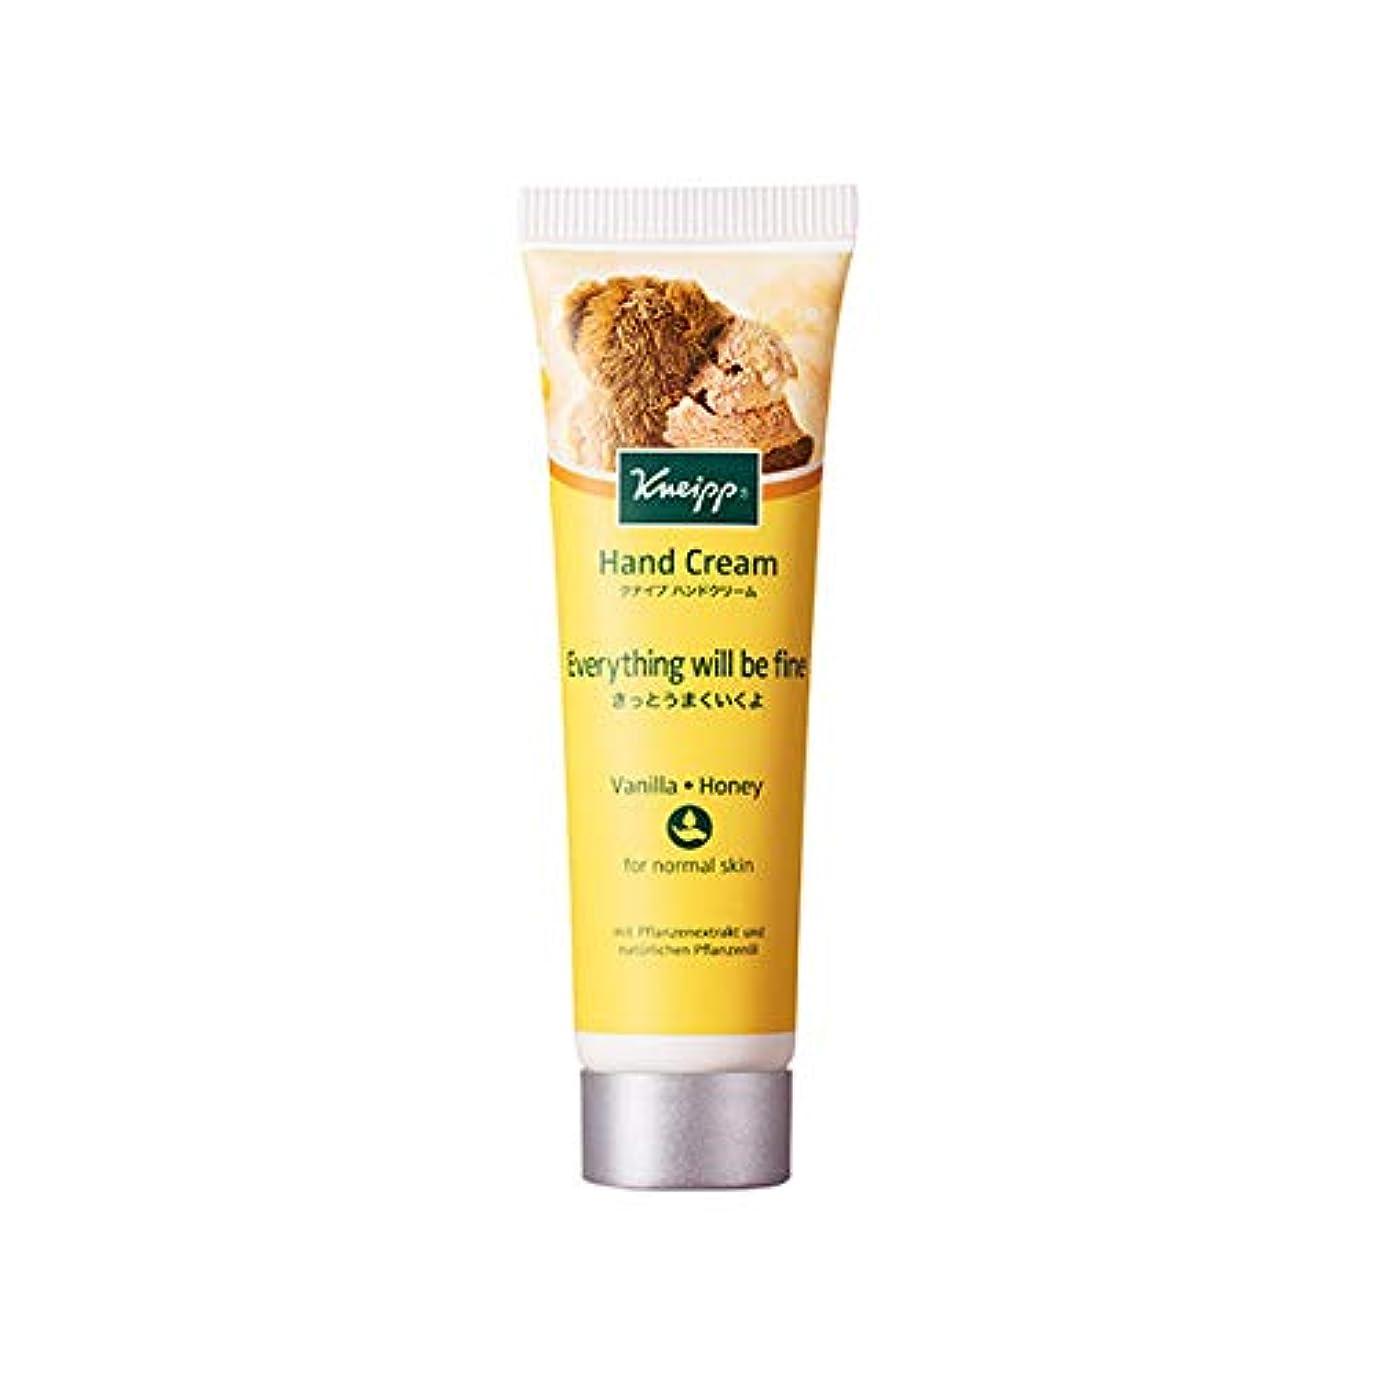 フィードバック消費する負担クナイプ(Kneipp) クナイプ ハンドクリーム バニラ&ハニーの香り 20ml ボディクリーム